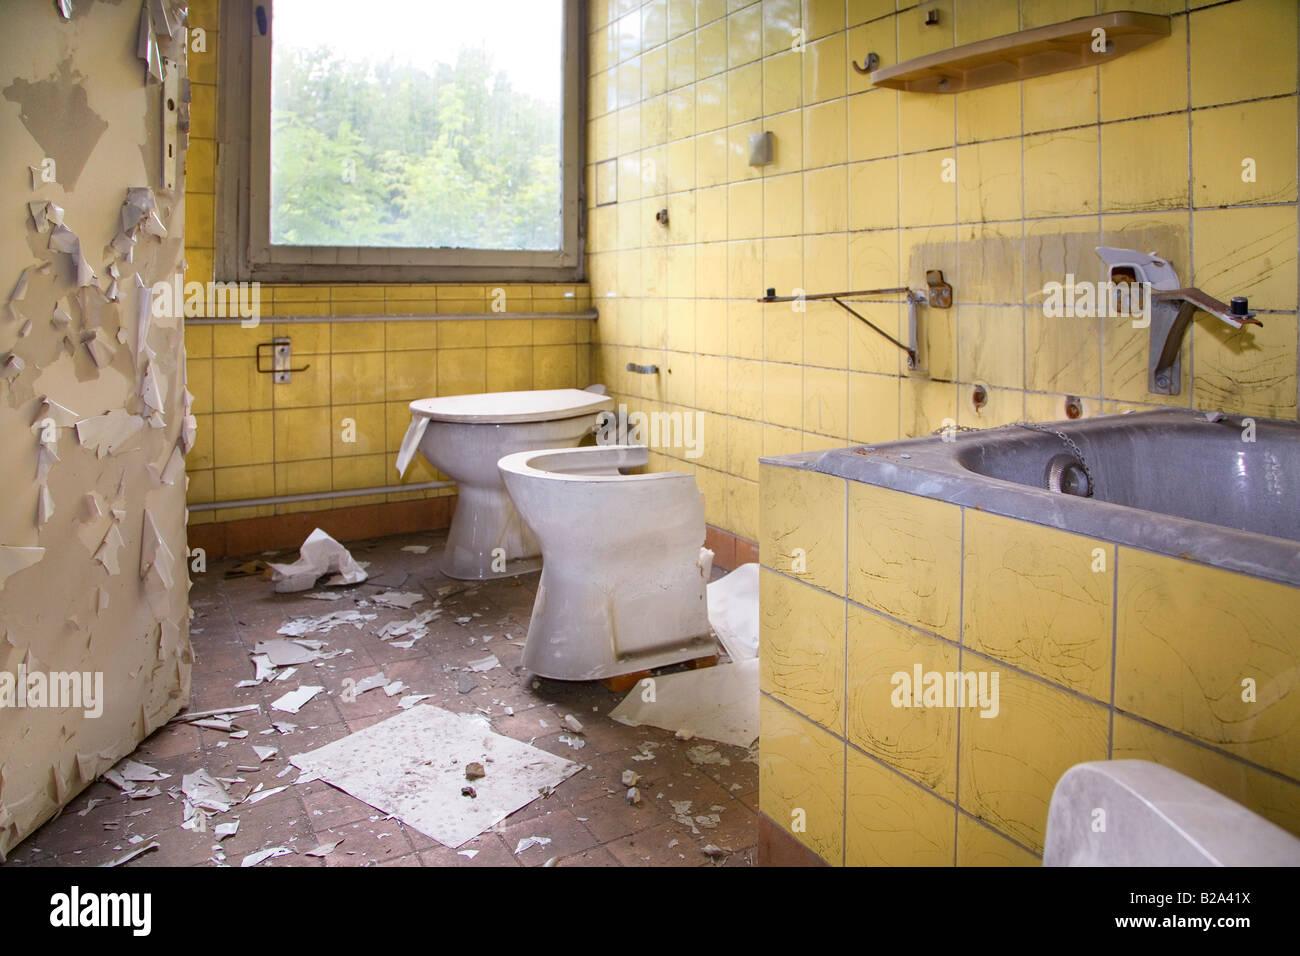 Radiateur Salle De Bain Slim ~ Une Salle De Bains Dans Une Maison Abandonn E Berlin Allemagne